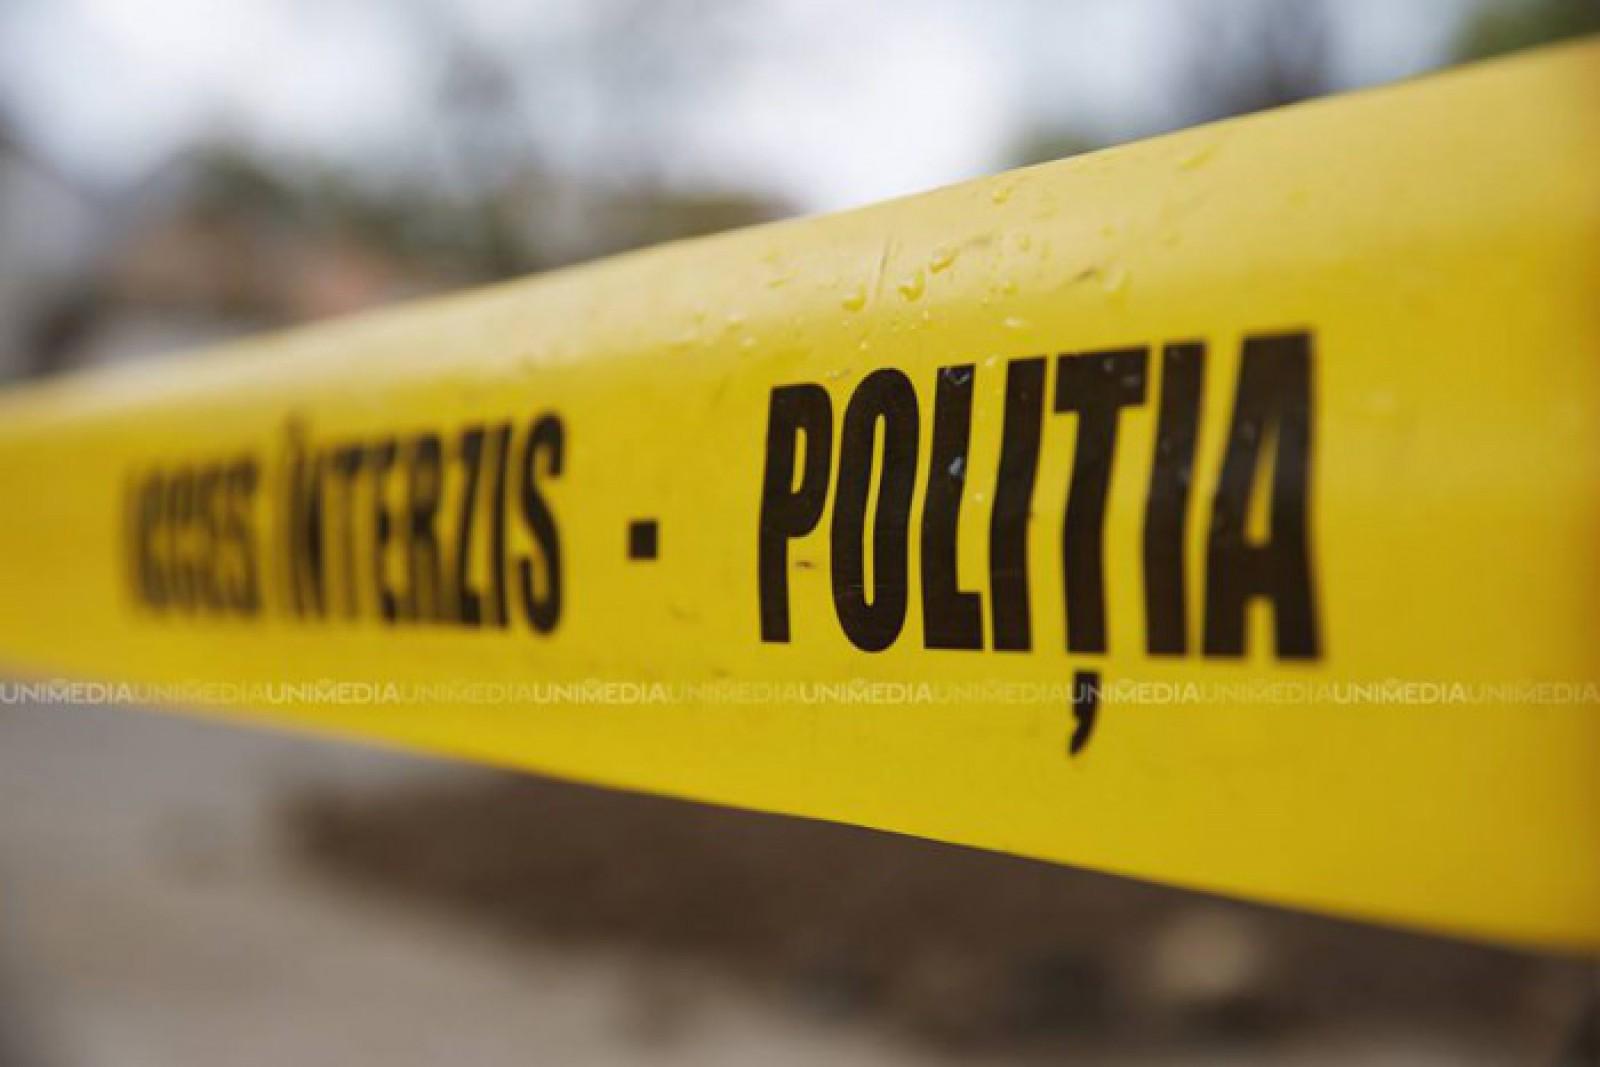 Două tragedii într-o singură zi la Coșnița: O tânără de 18 ani, care ar fi fost iubita tânărului ce a omorât ieri un polițist, s-a sinucis